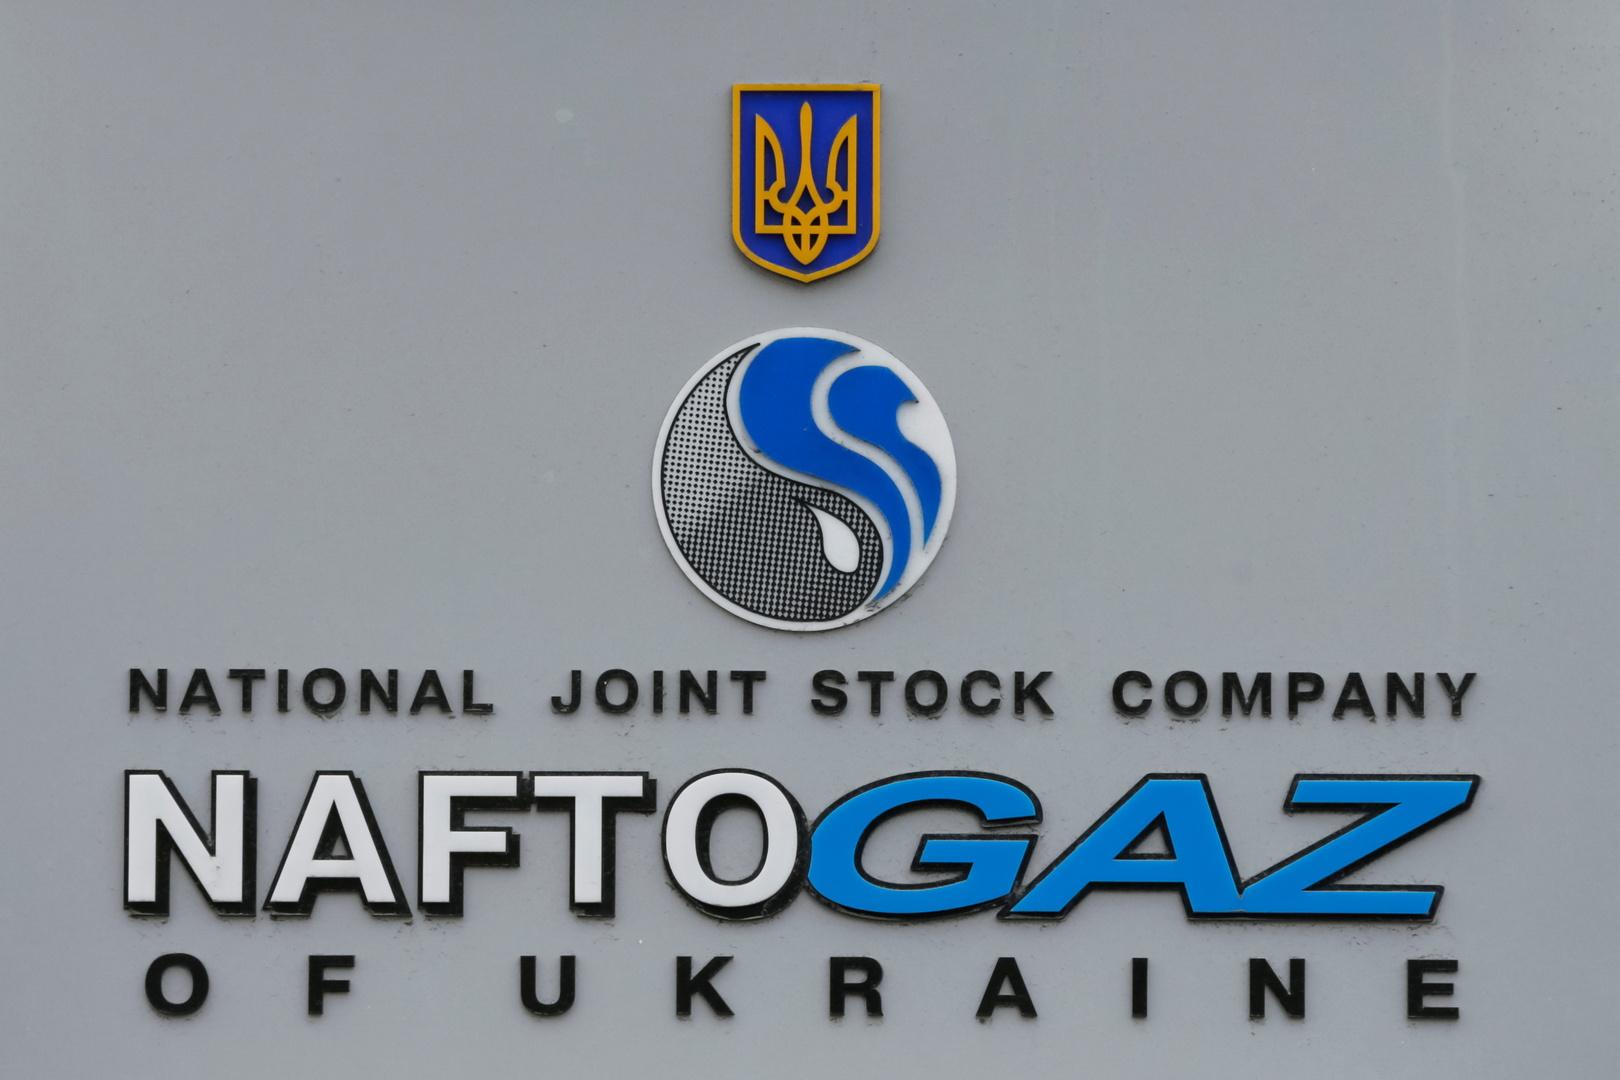 شركة النفط والغاز الأوكرانية توظف أمريكيا لإيقاف